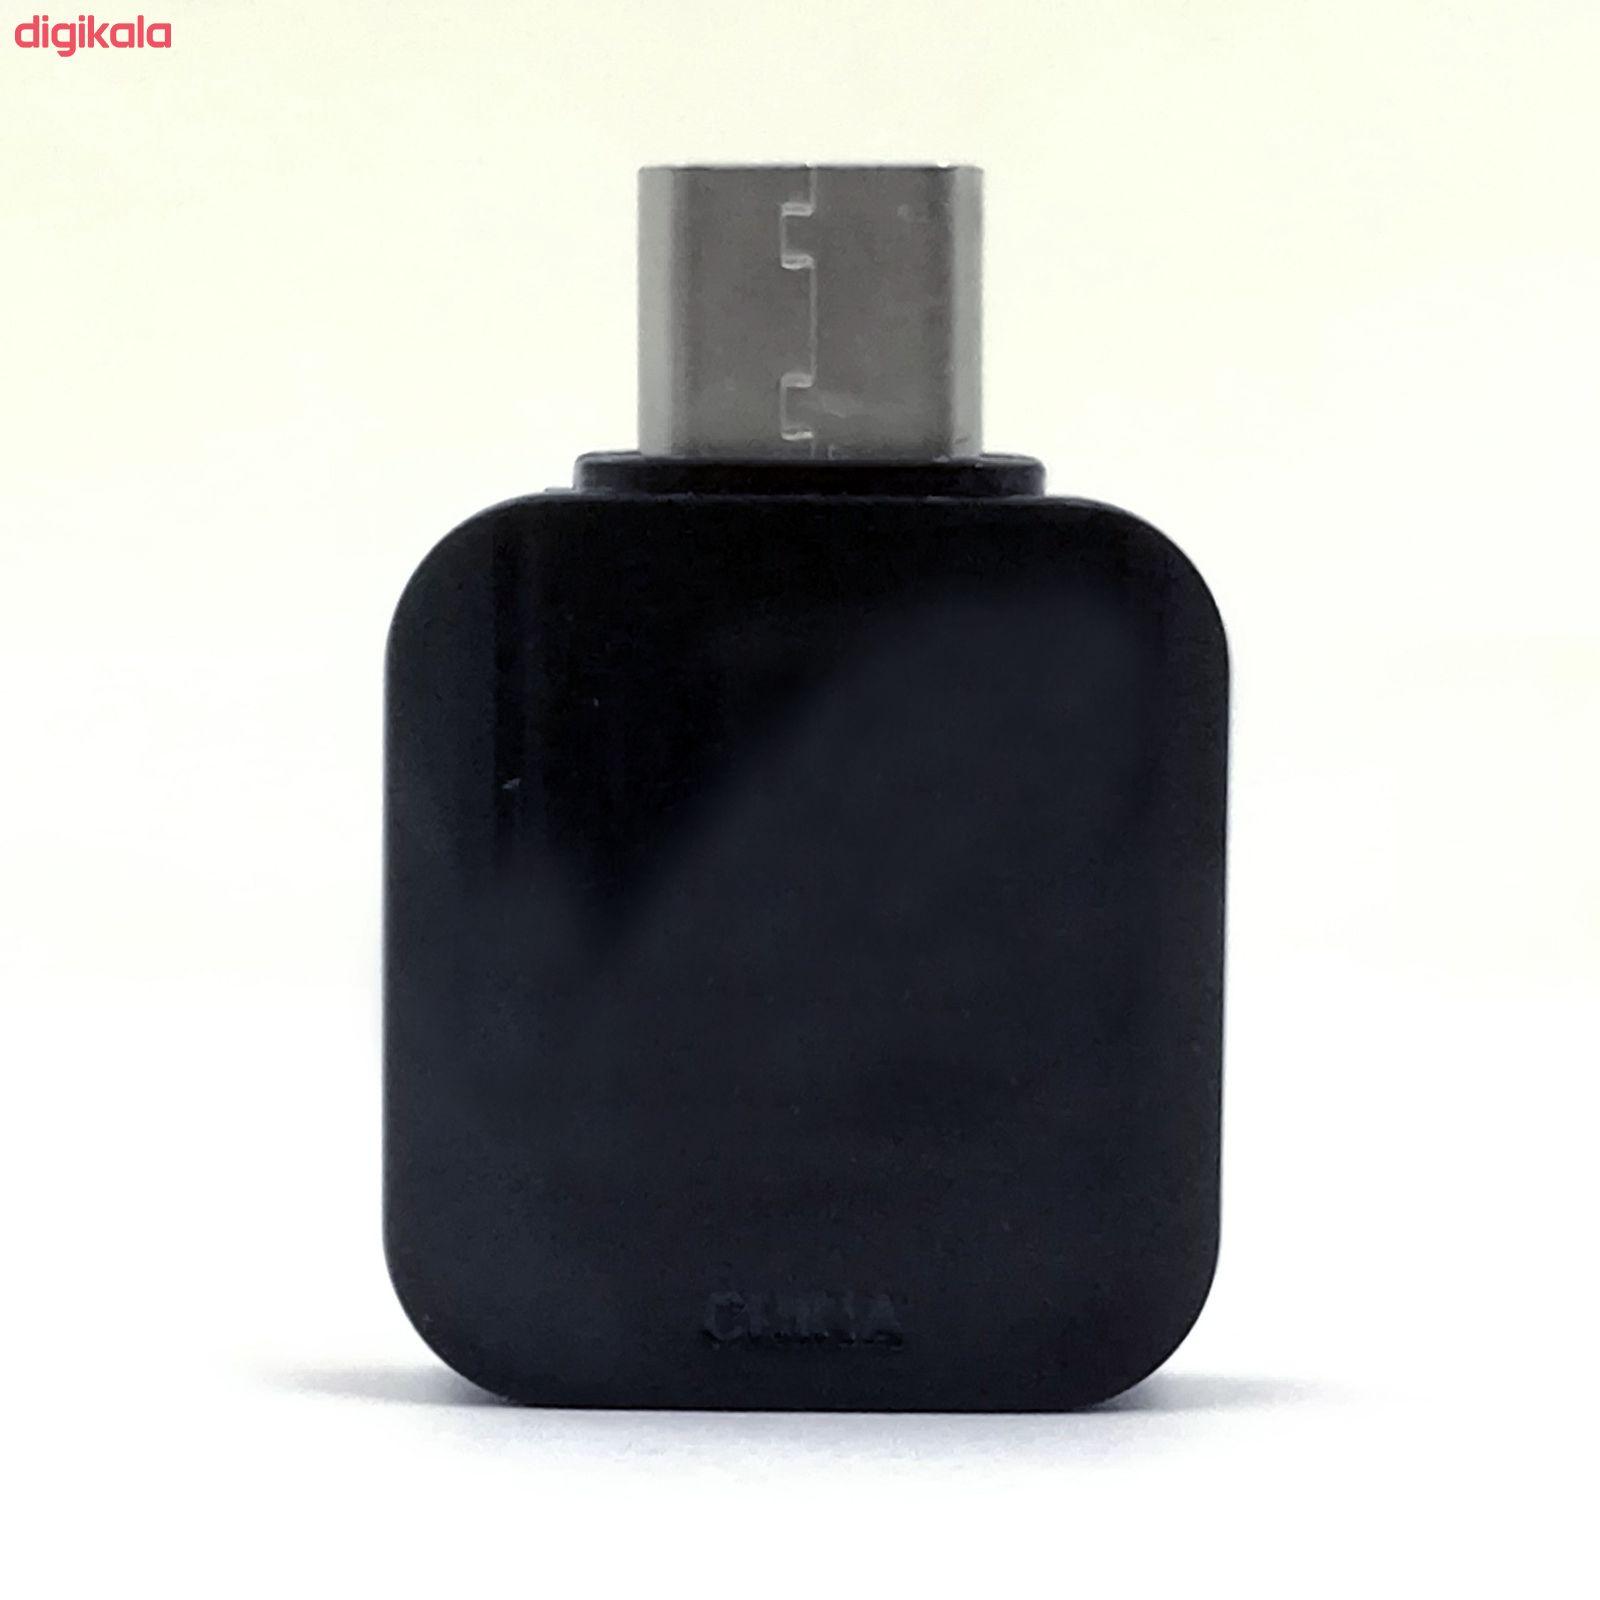 مبدل USB-C OTG مدل S10  main 1 7